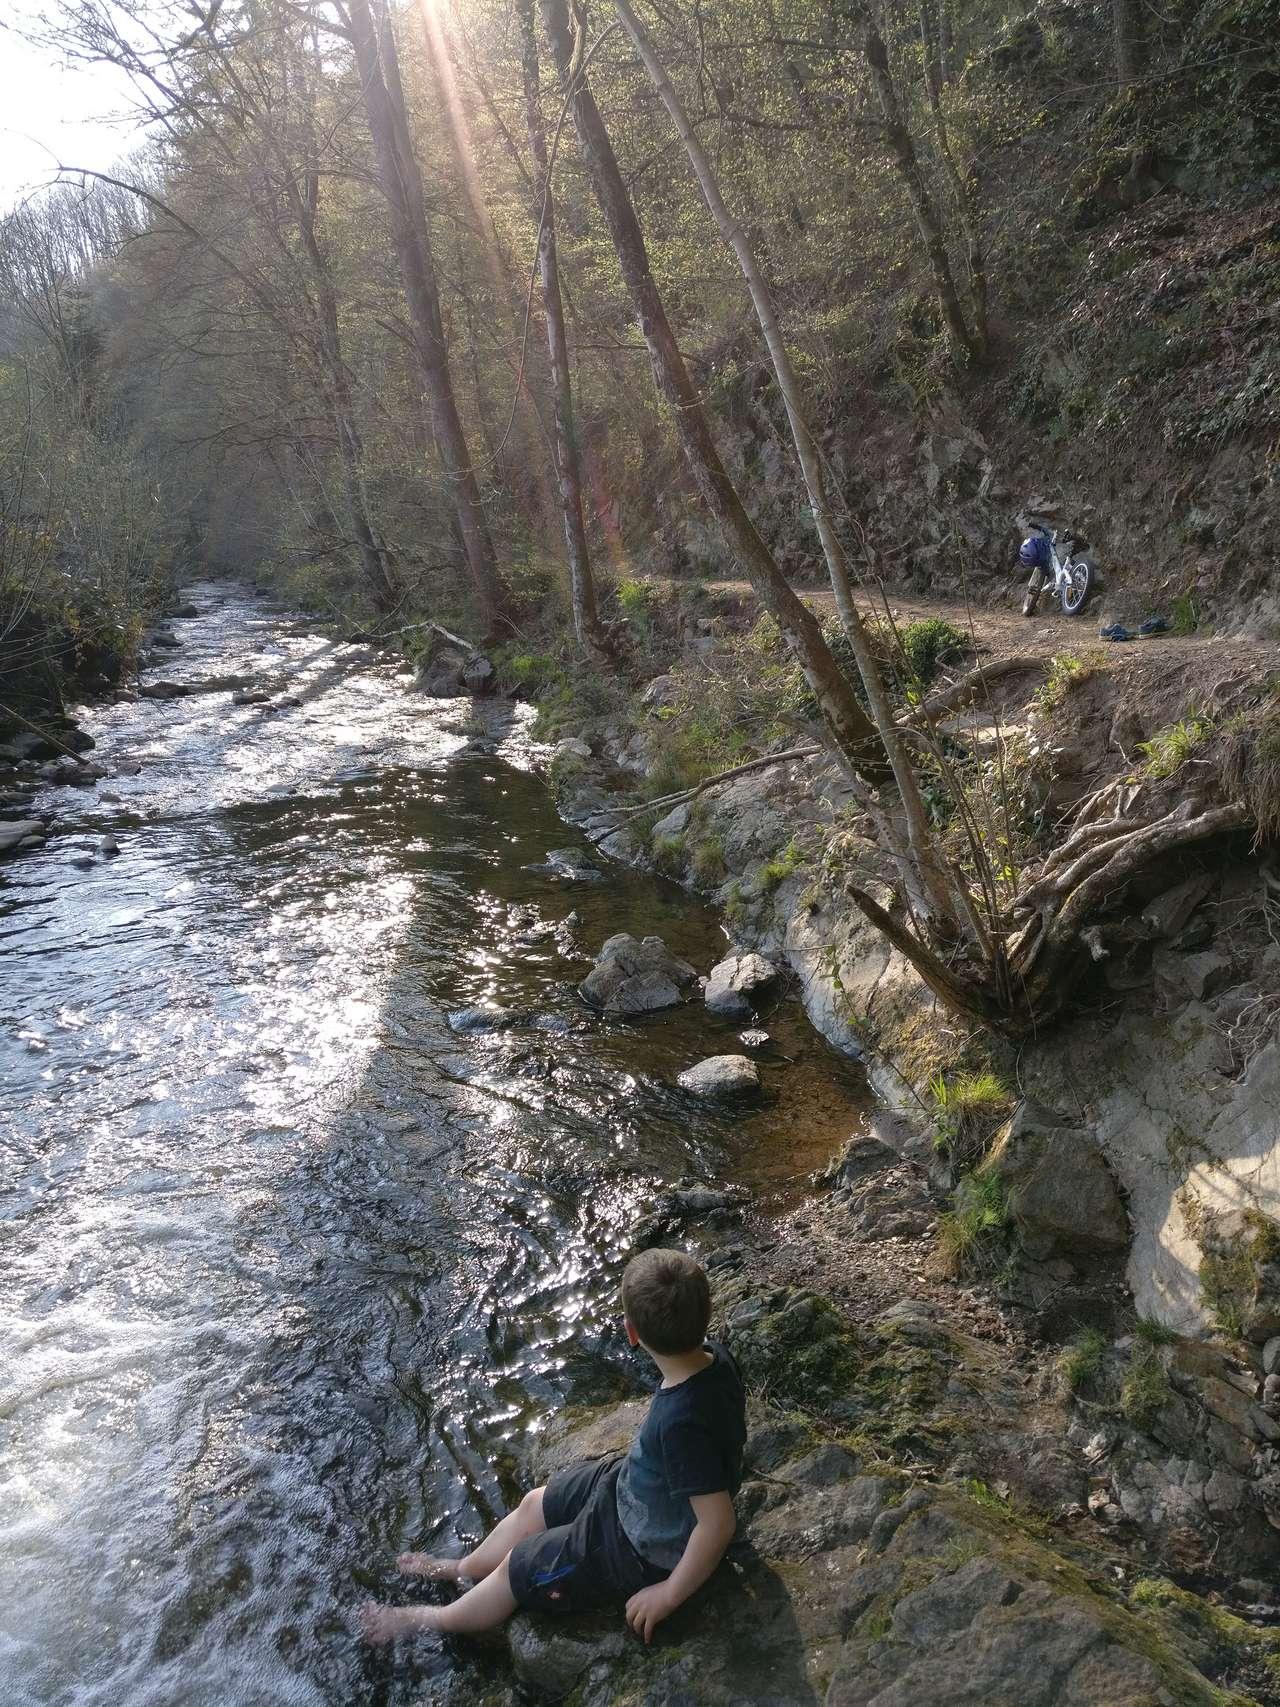 Am Harmersbach geht es auf einem schönen Pfad entlang